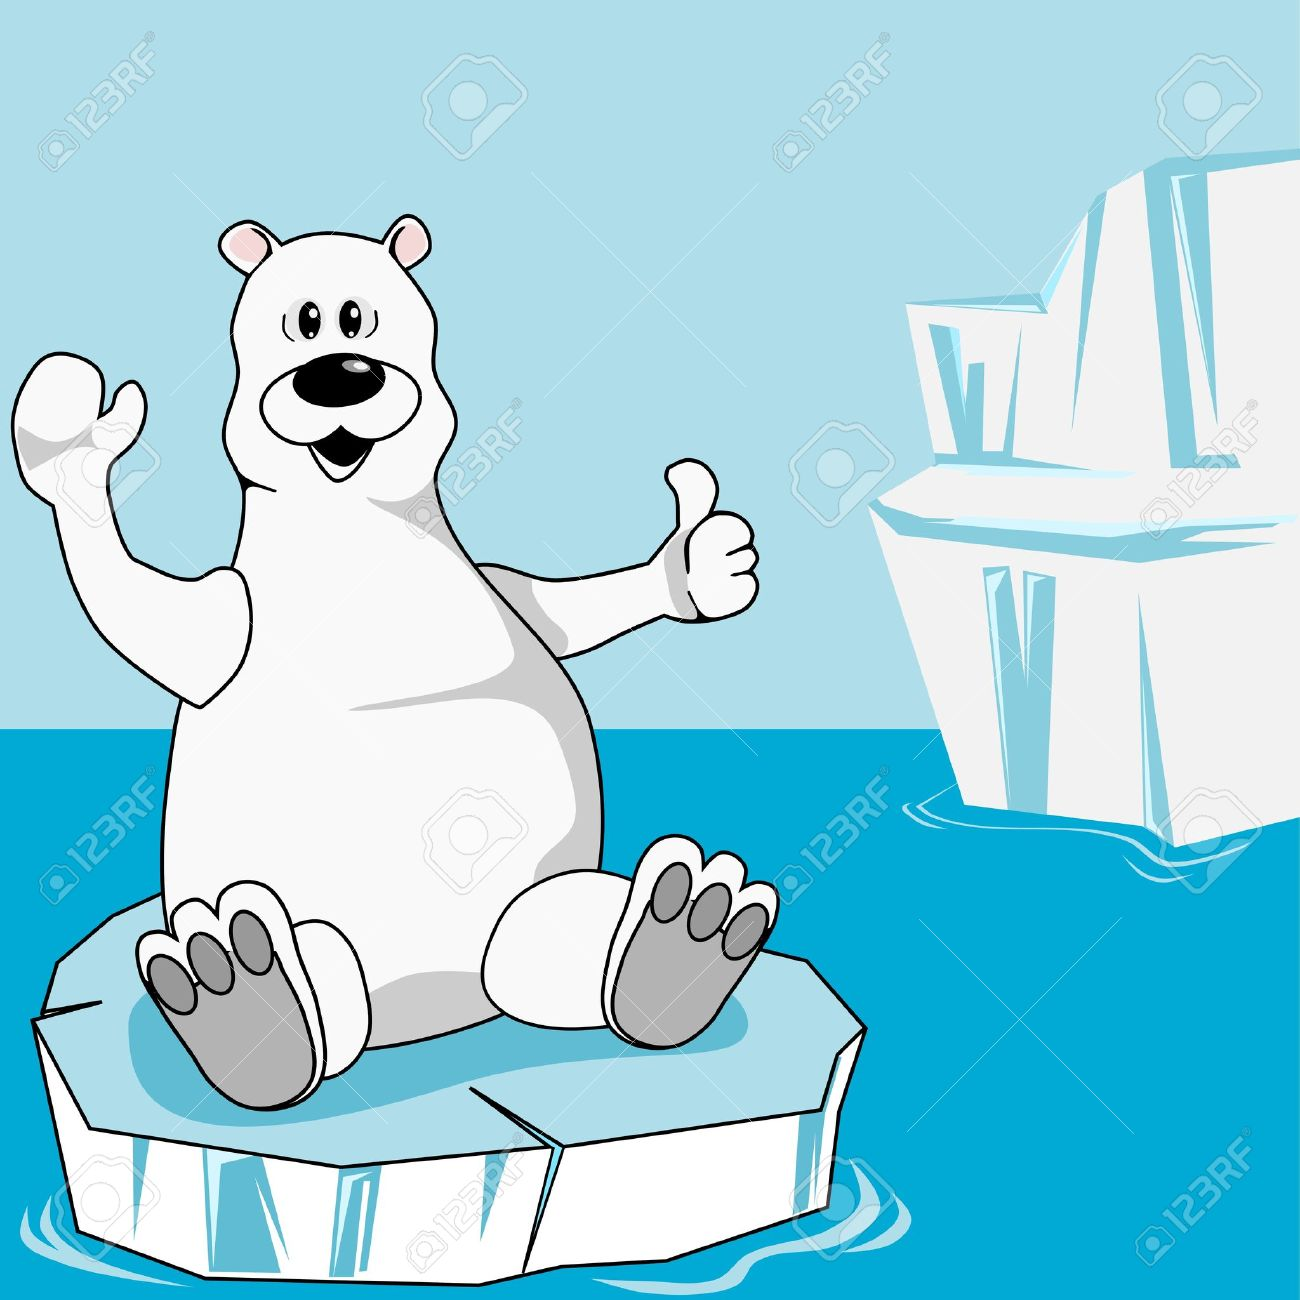 Polar Bear On An Ice Floe Royalty Free Cliparts, Vectors, And.